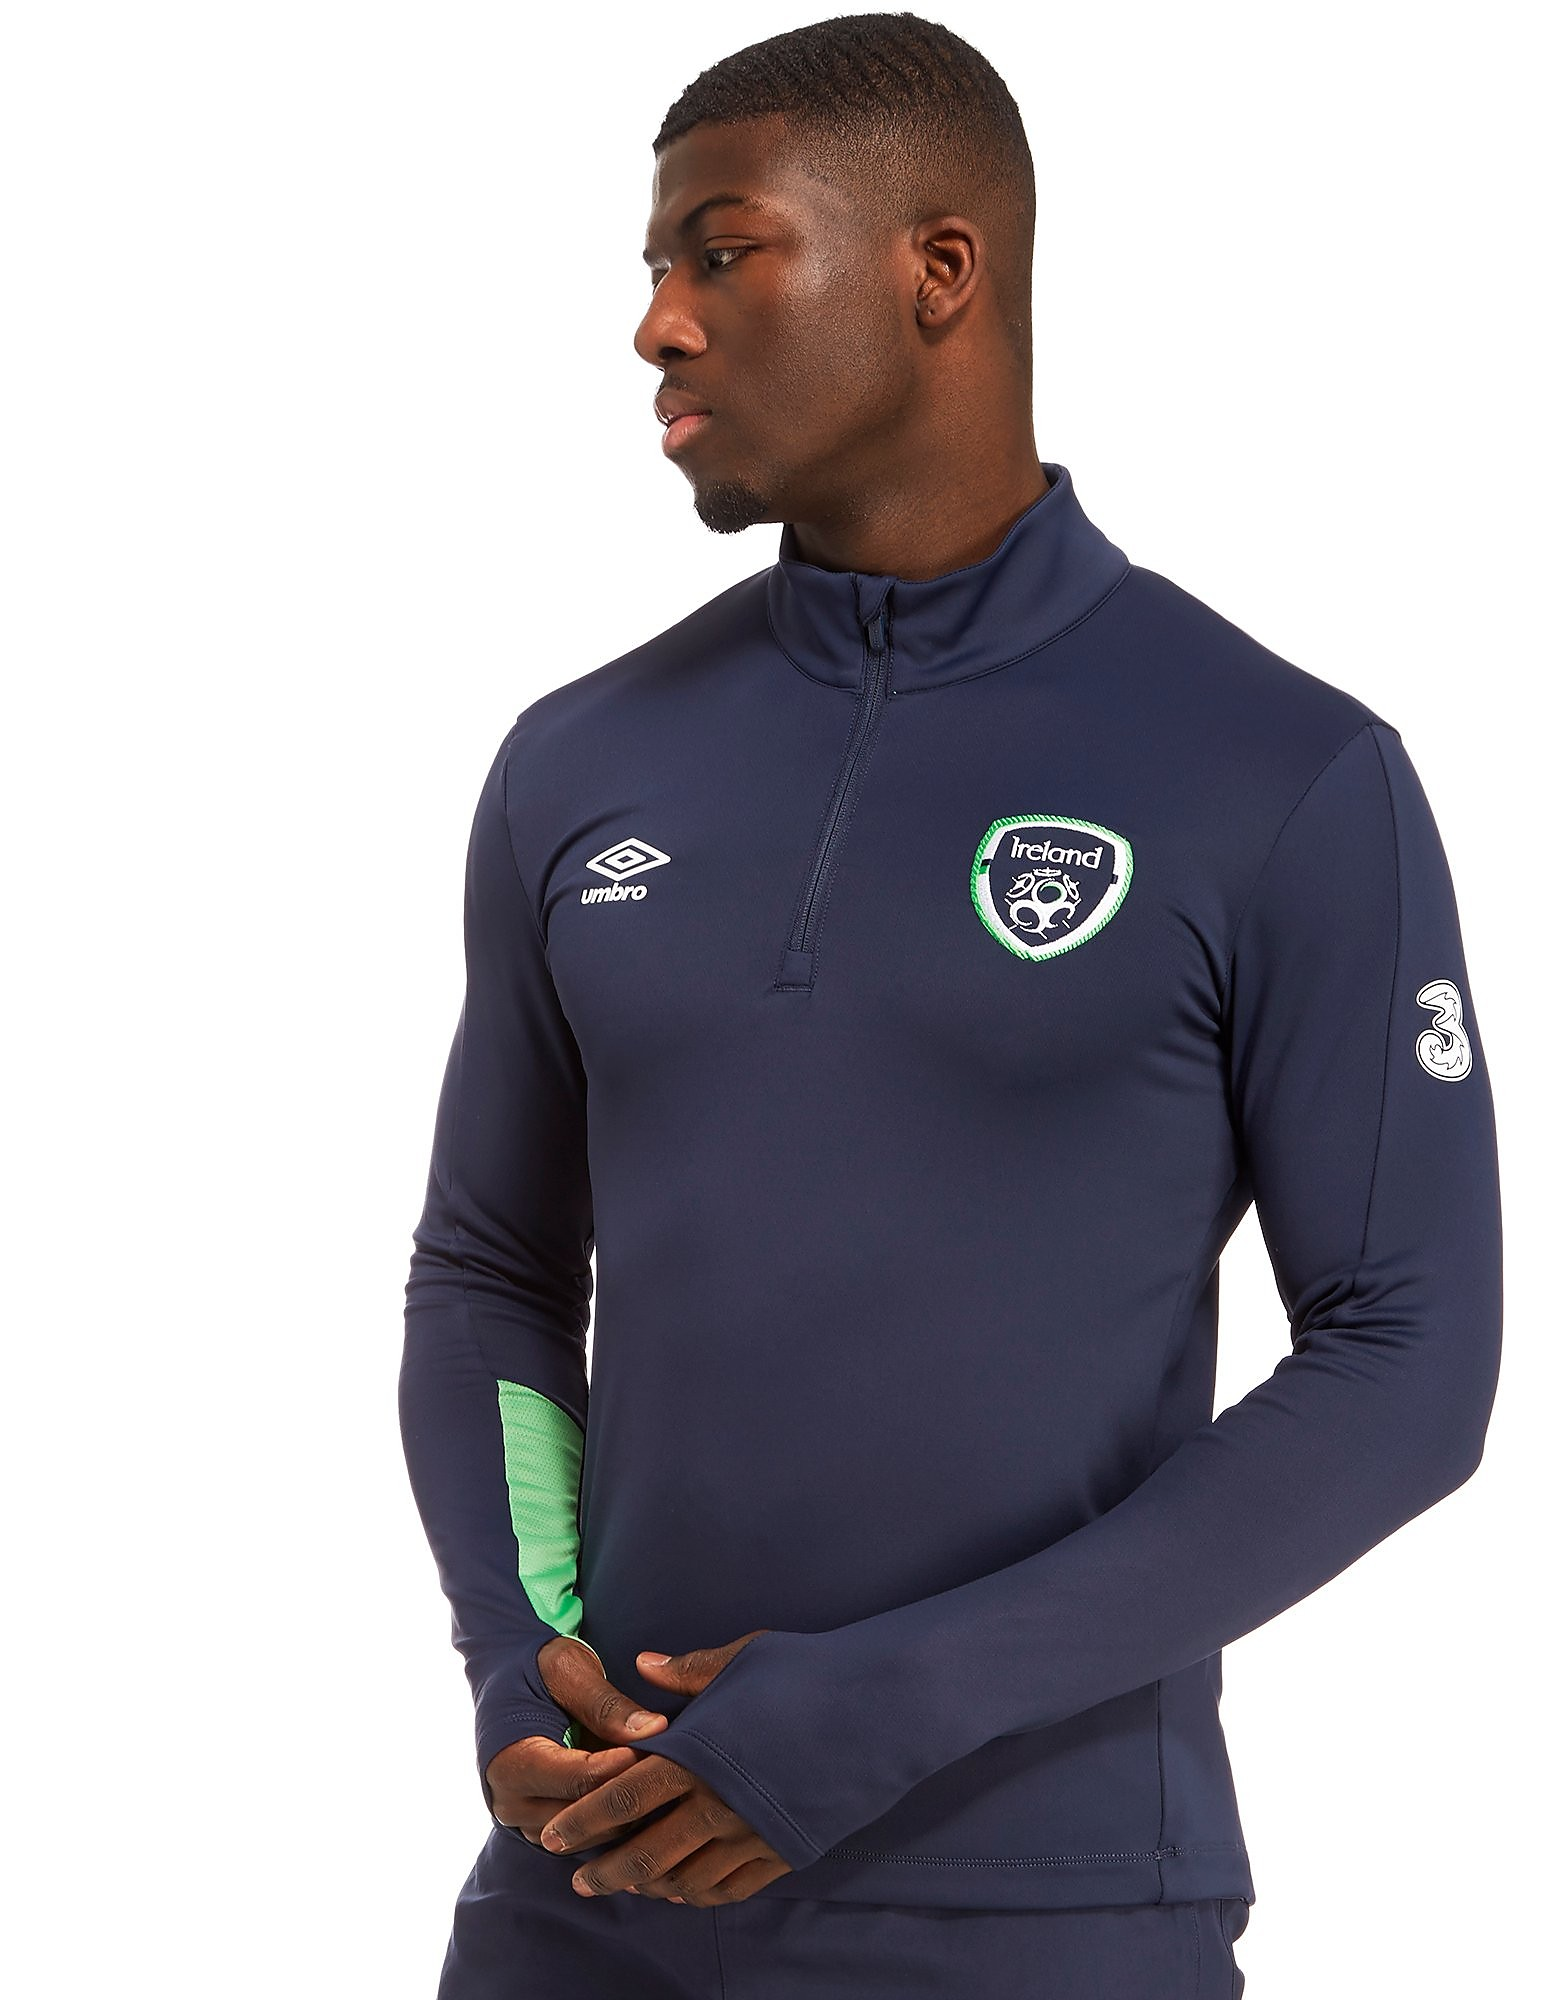 Umbro Republic of Ireland Half Zip Top